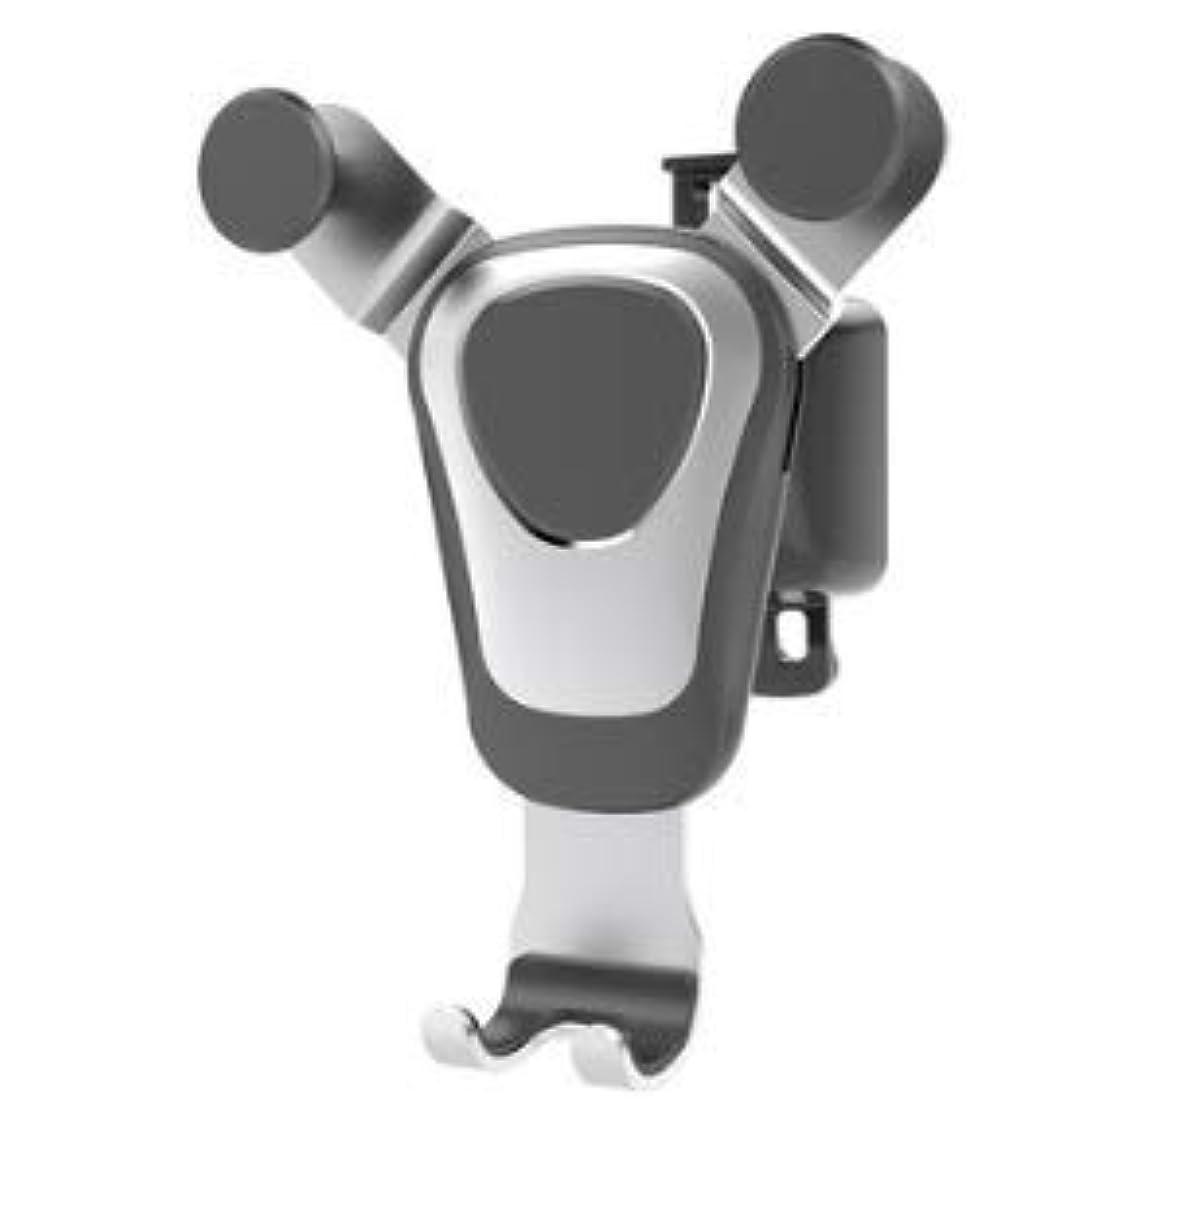 六月それ振りかけるCetengkeji 車の重力携帯電話ブラケット多機能空気出口クリエイティブメタルユニバーサルカーナビゲーションブラケット携帯電話ブラケット